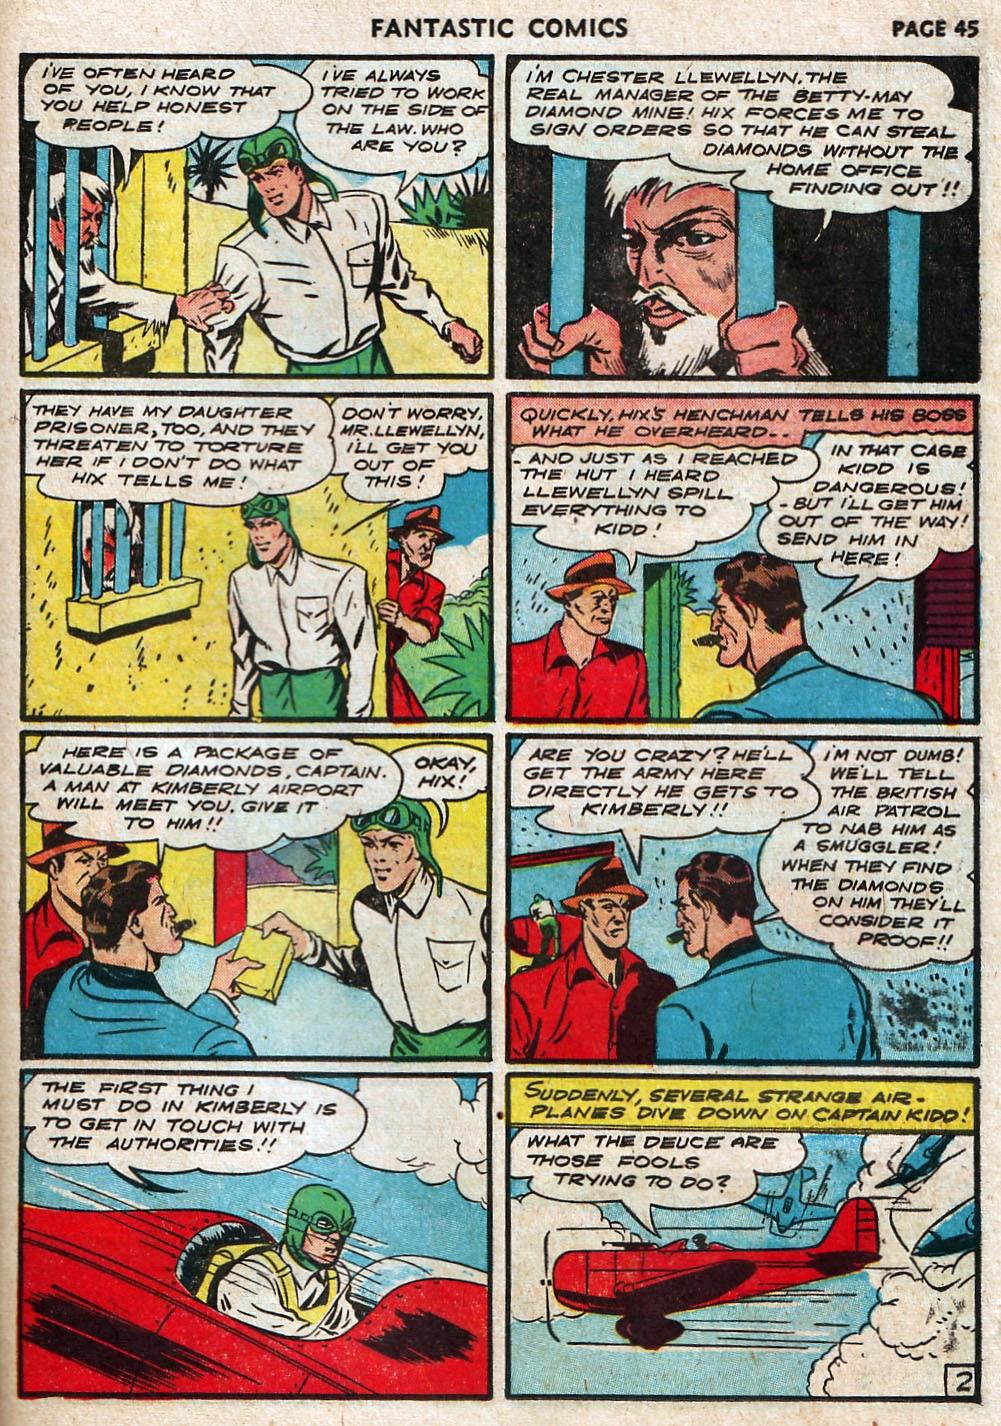 Read online Fantastic Comics comic -  Issue #17 - 46